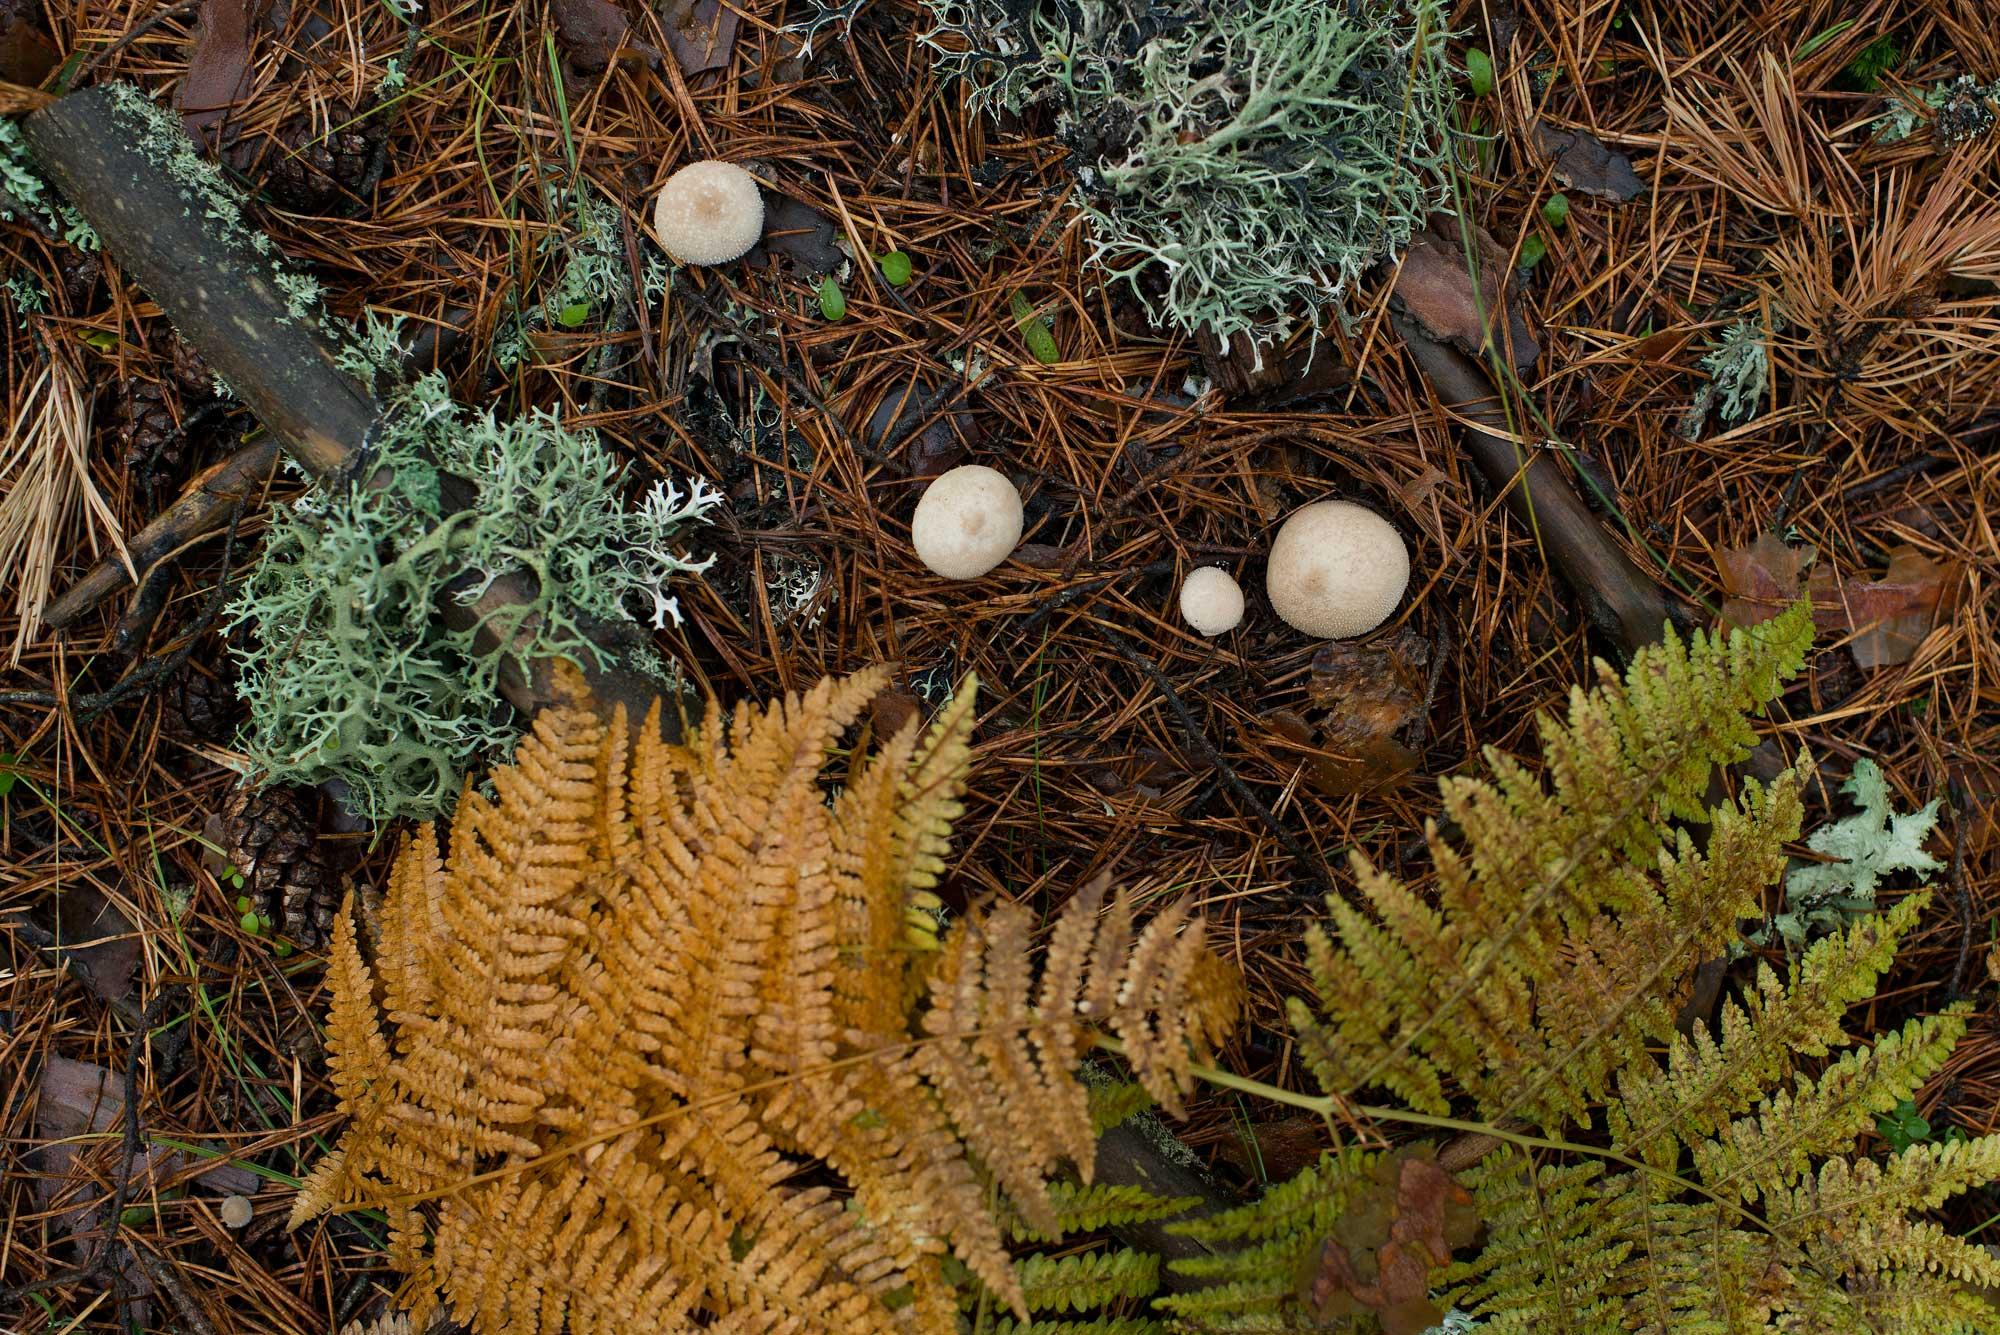 Las agujas de pino color castaño en el suelo con que Hemingway empieza y acaba la novela.